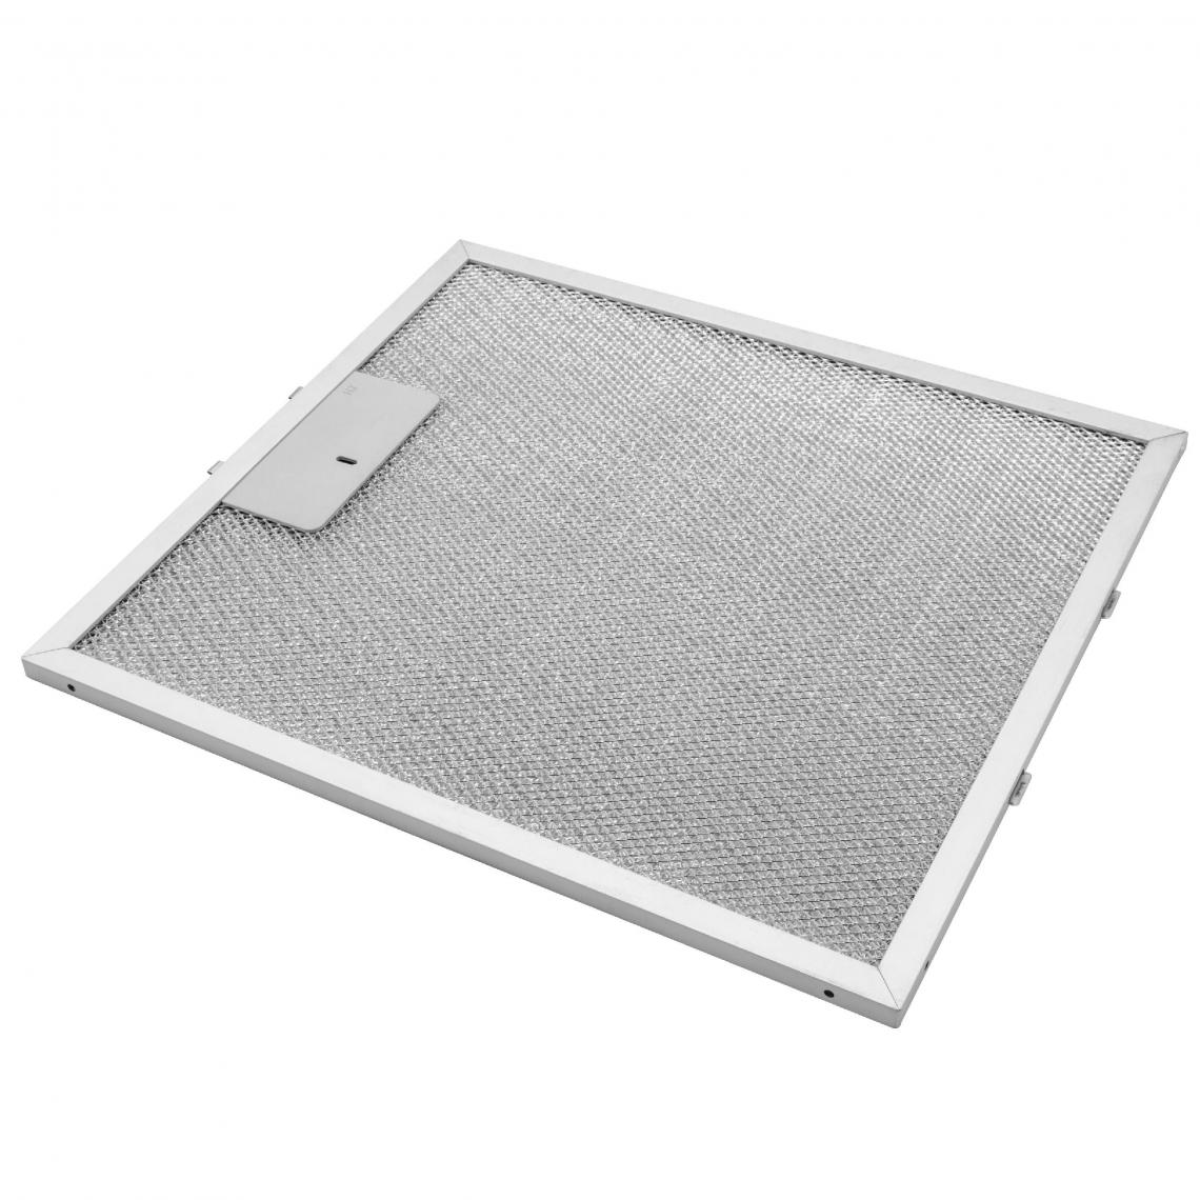 Vhbw vhbw Filtrepermanent filtre à graisse métallique 30,6 x 27,8 x 0,85 cm convient pour Juno JDS4241MF hottes de cuisinière